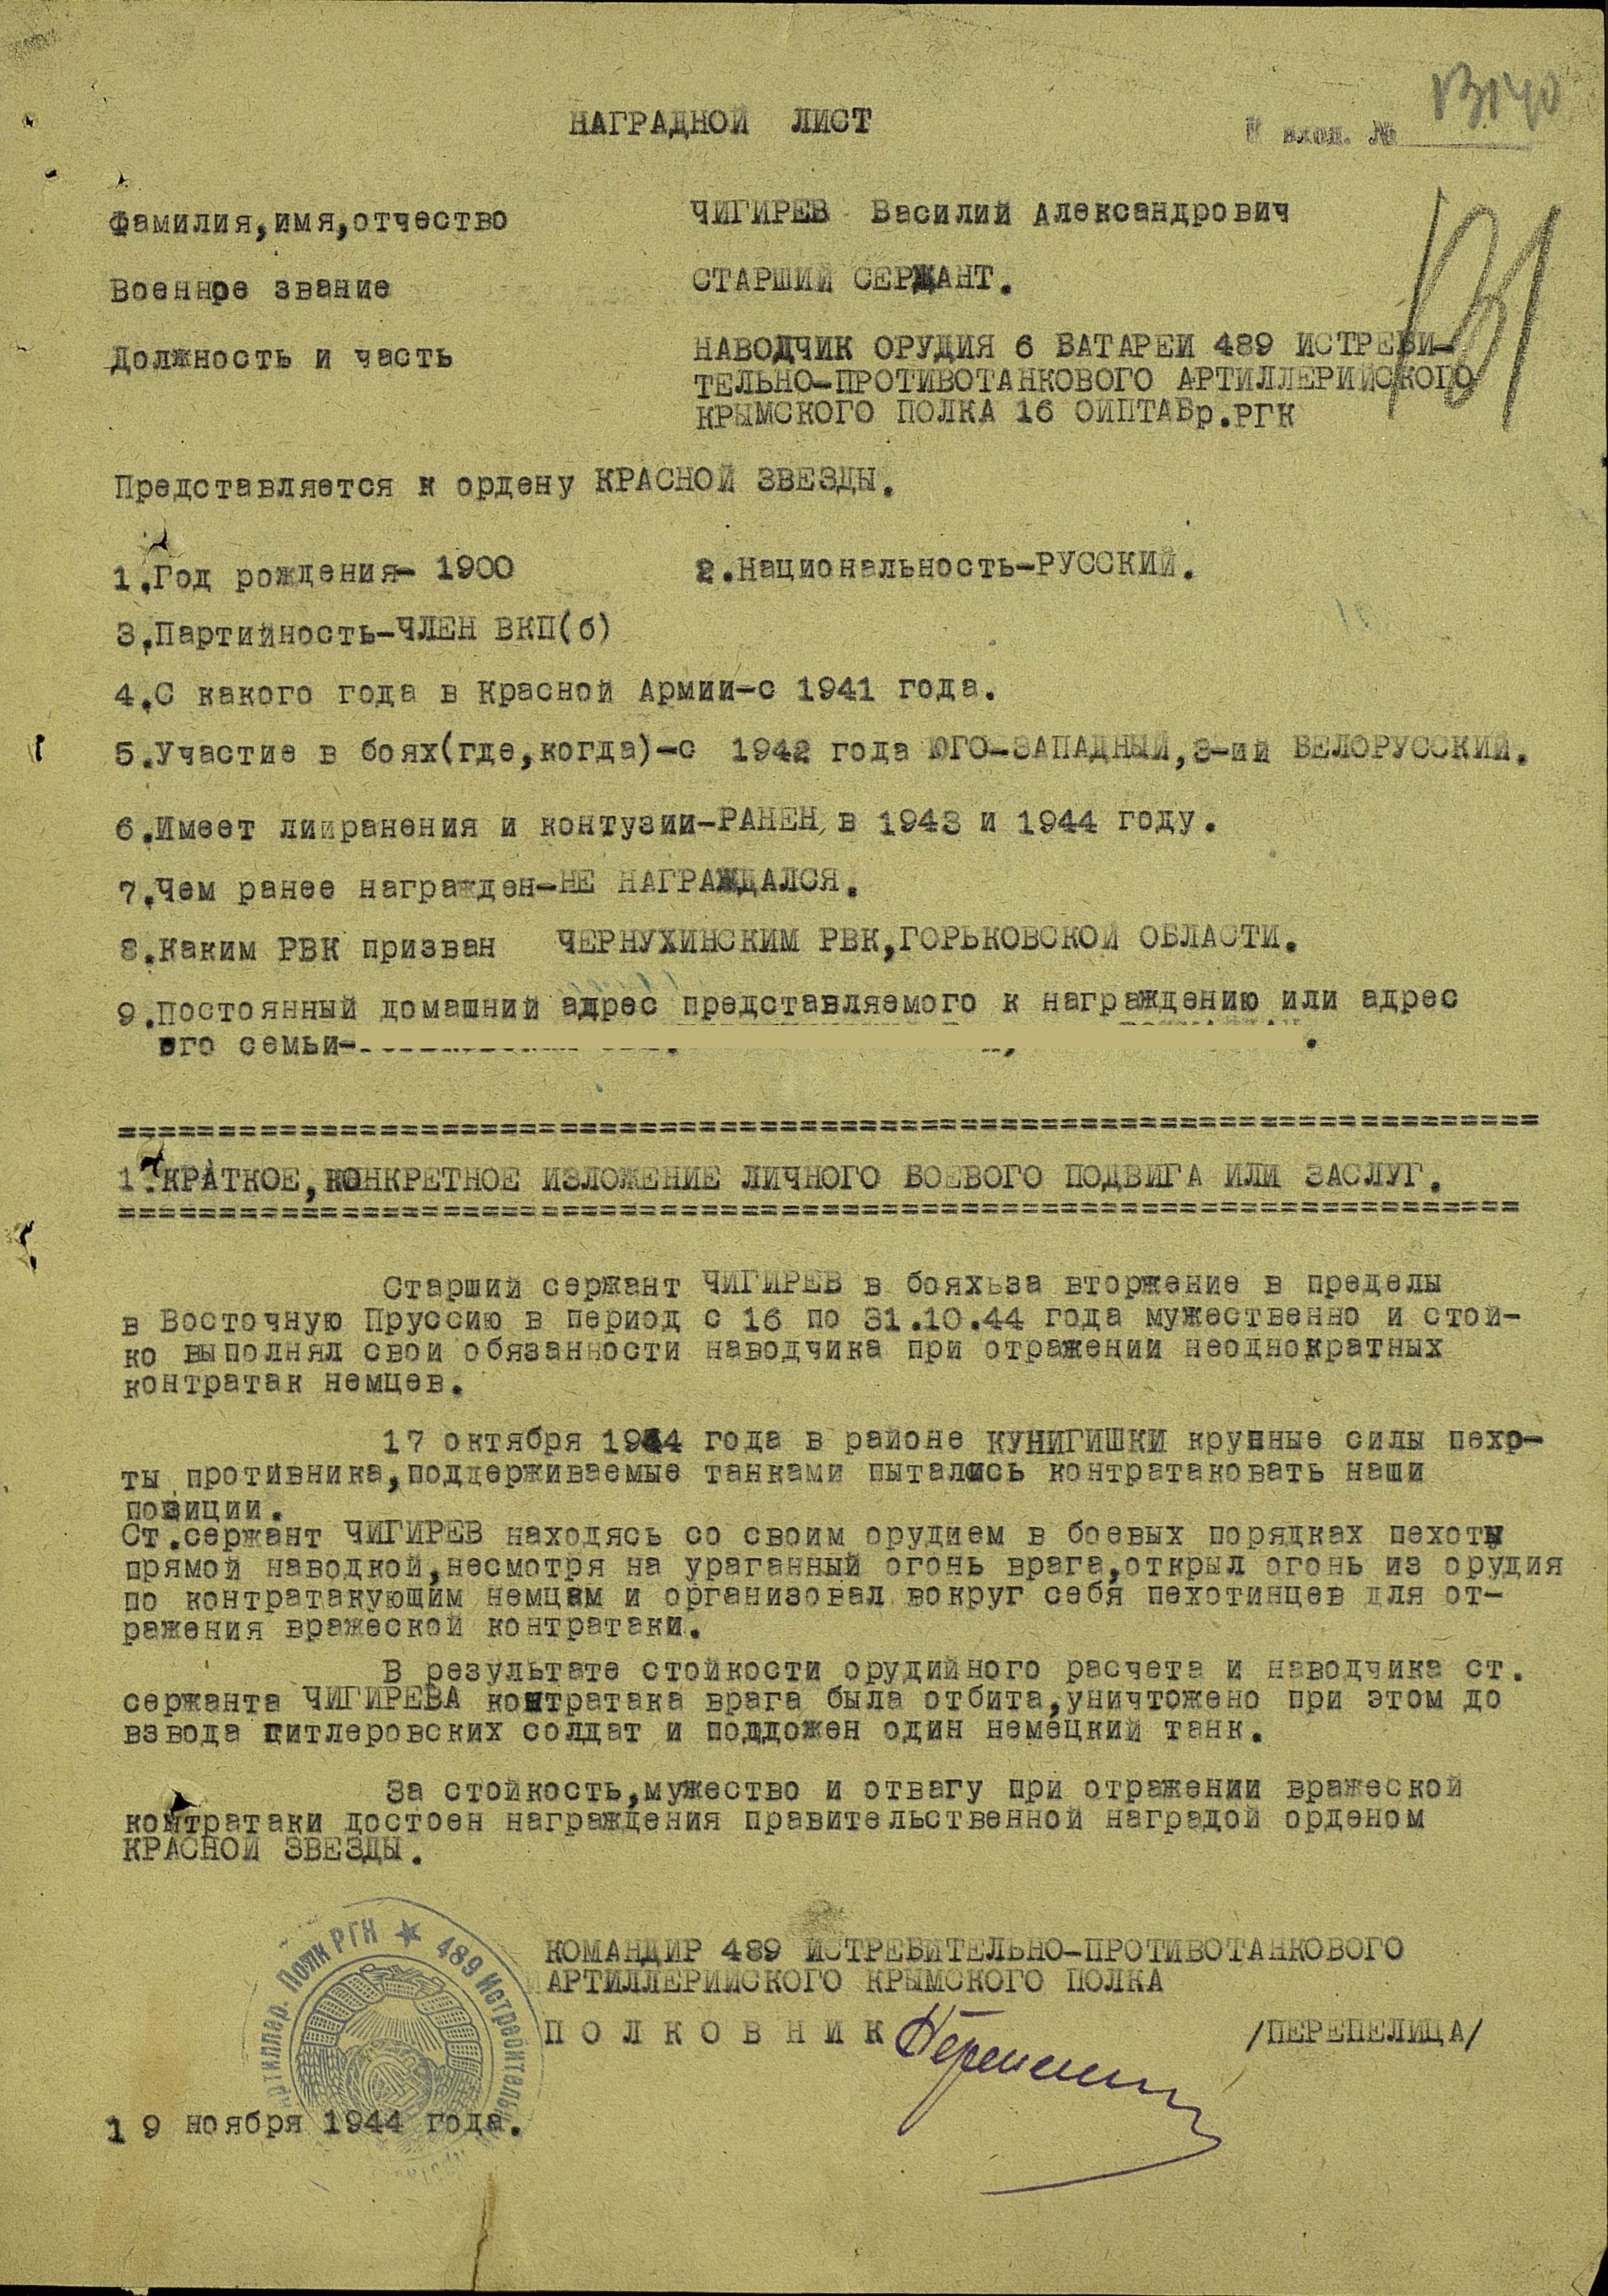 Наградной лист Чигирева Василия Александровича орденом Красной Звезды